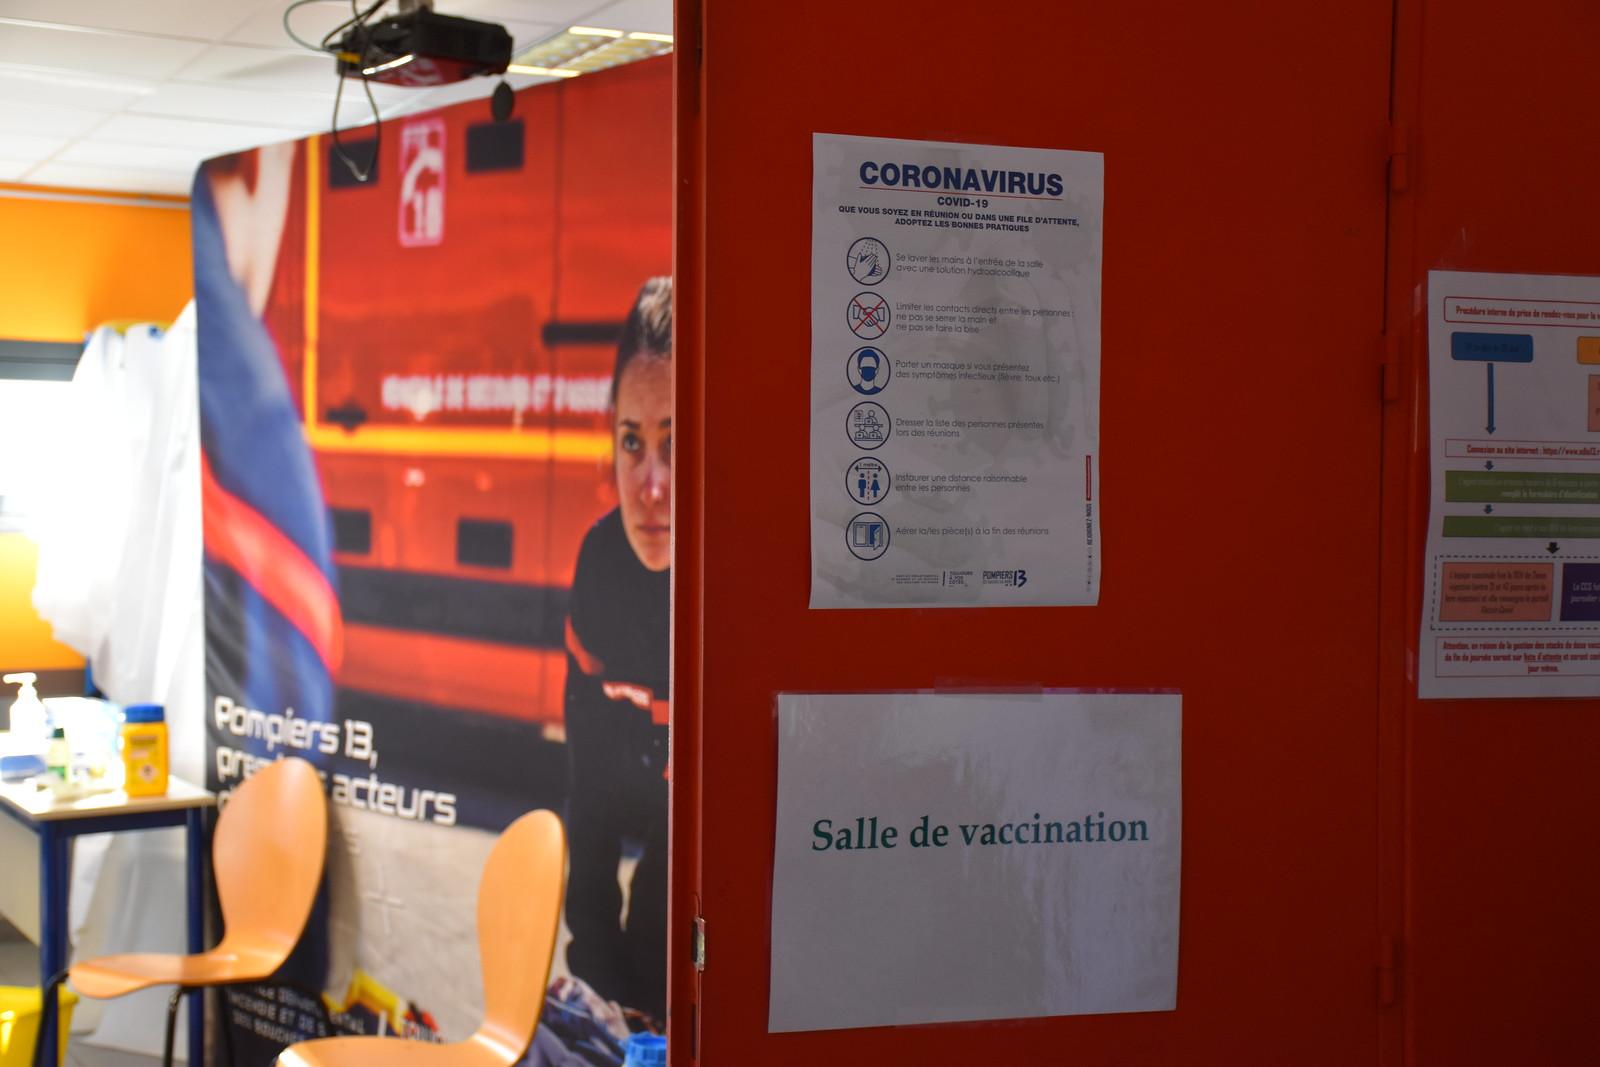 Démarrage de la campagne de vaccination chez les Pompiers13